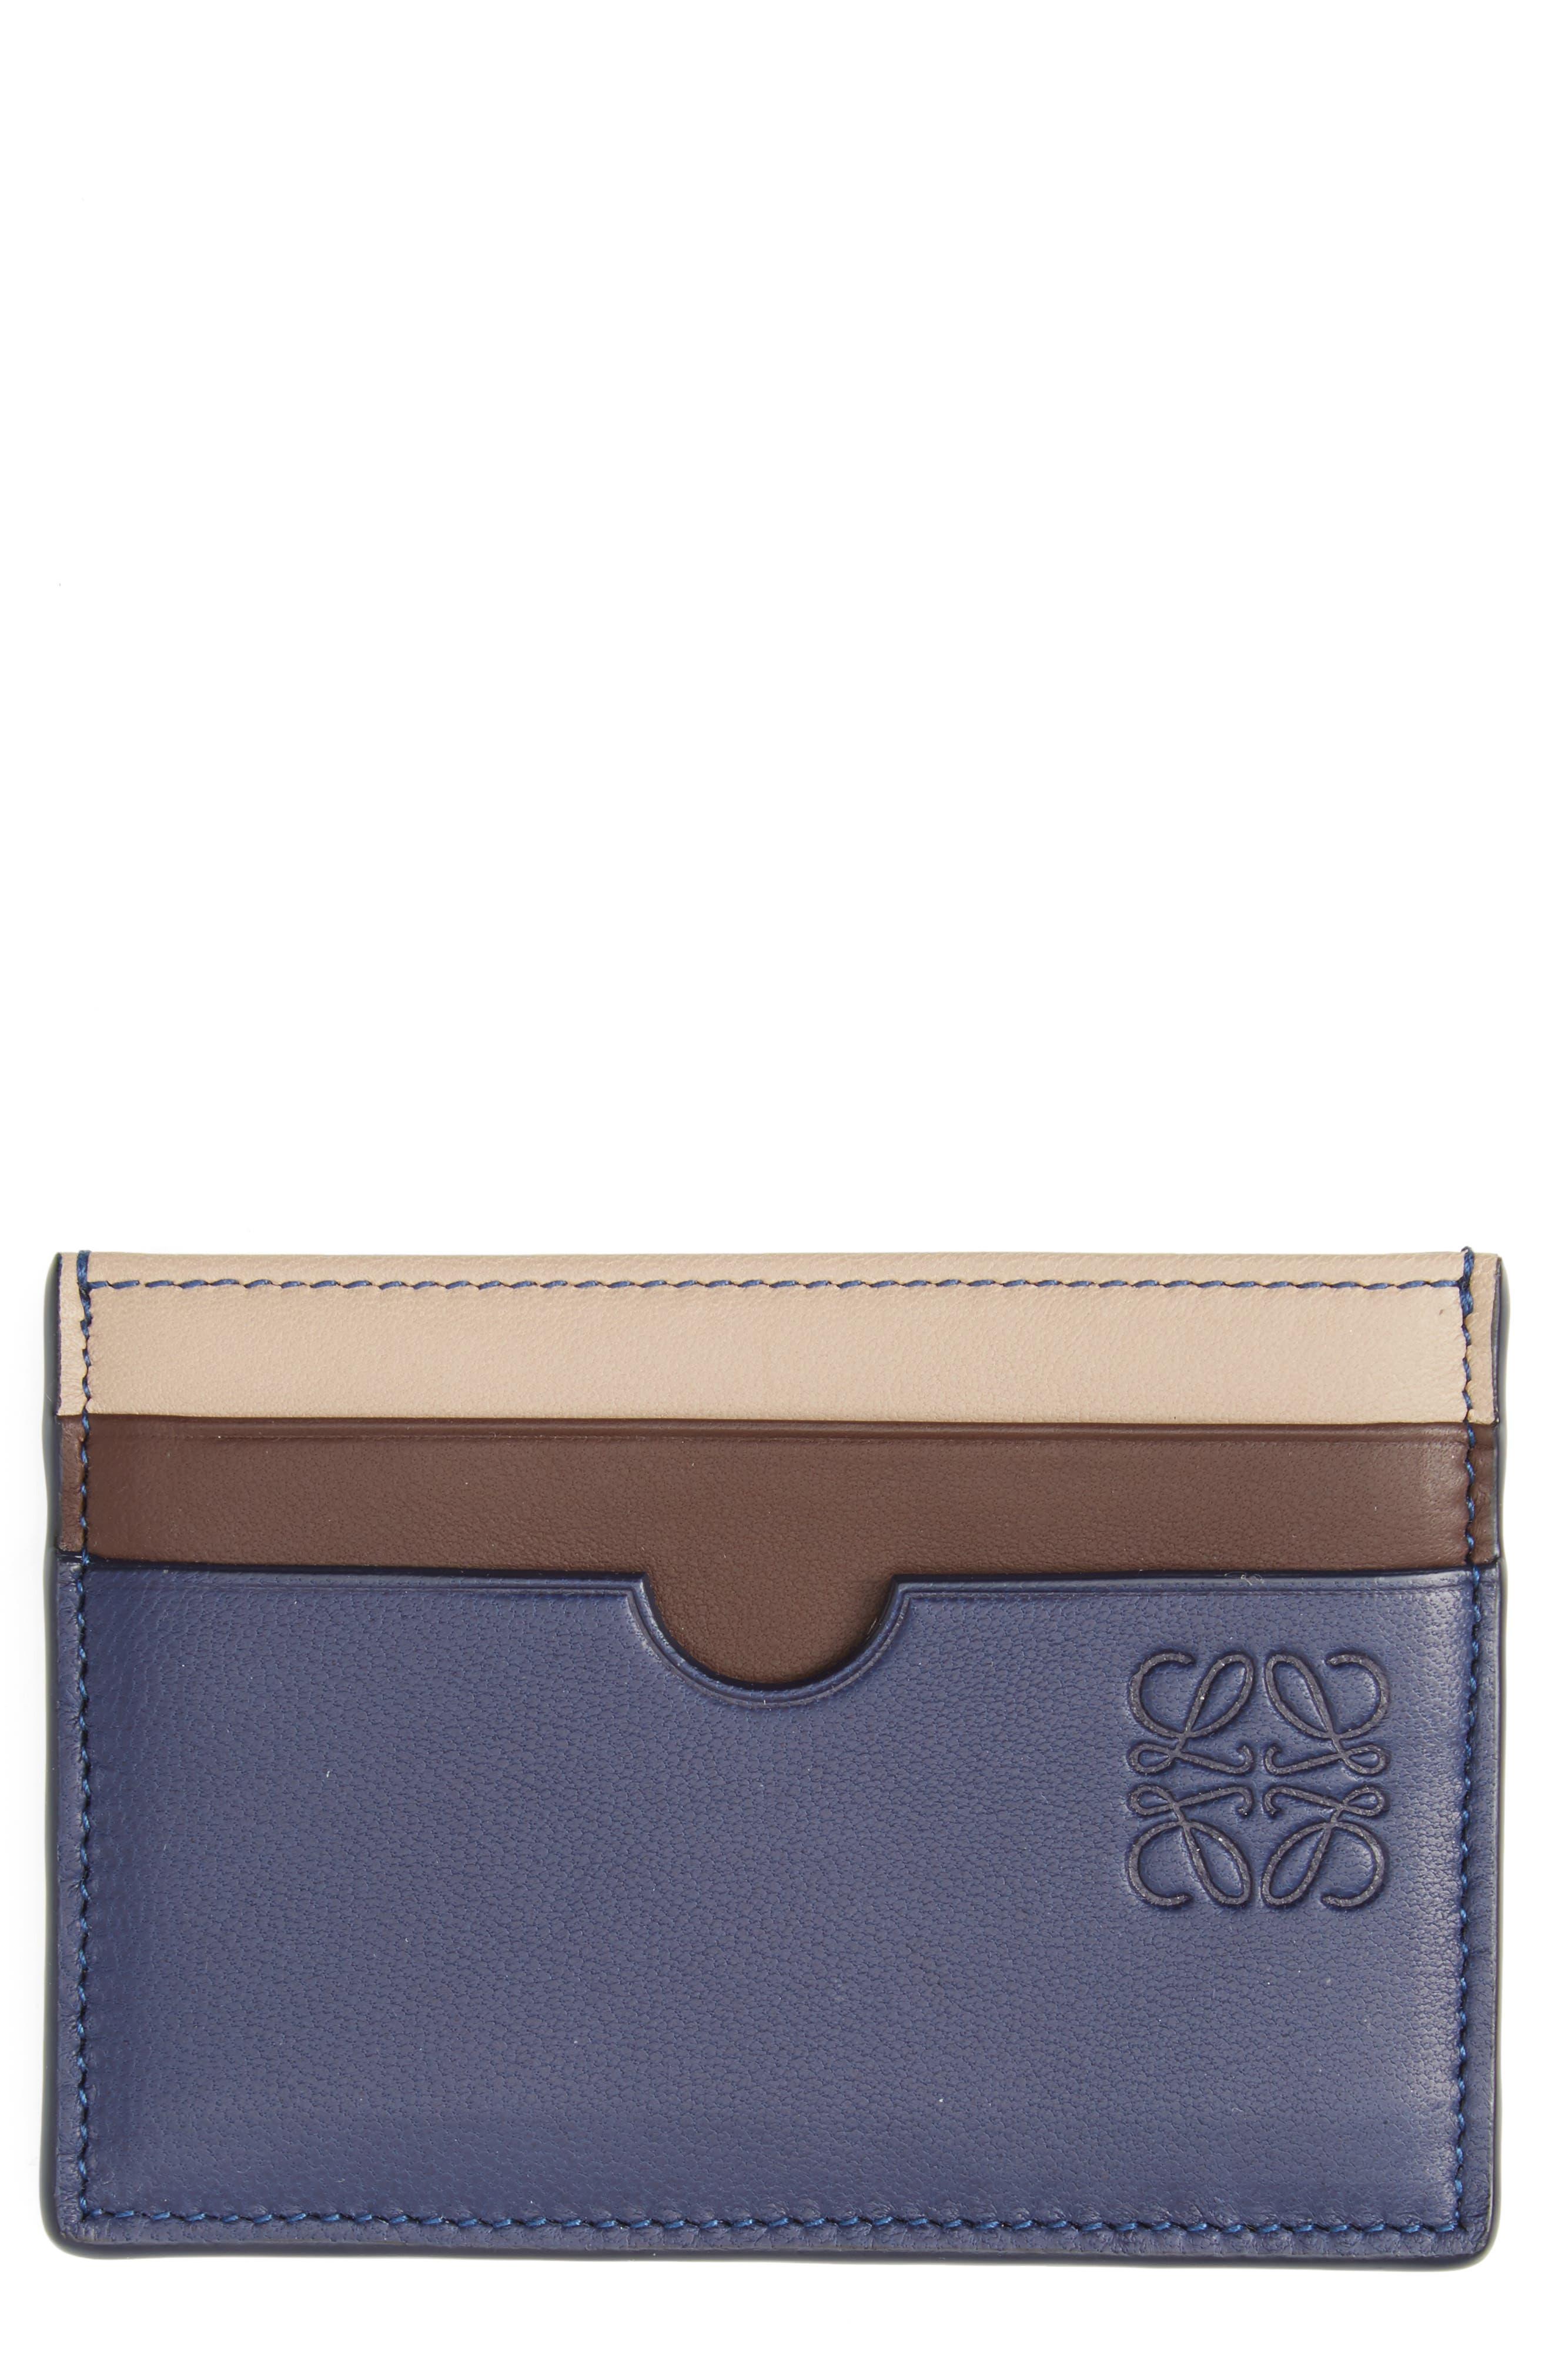 Tricolor Leather Card Case,                         Main,                         color, Blue